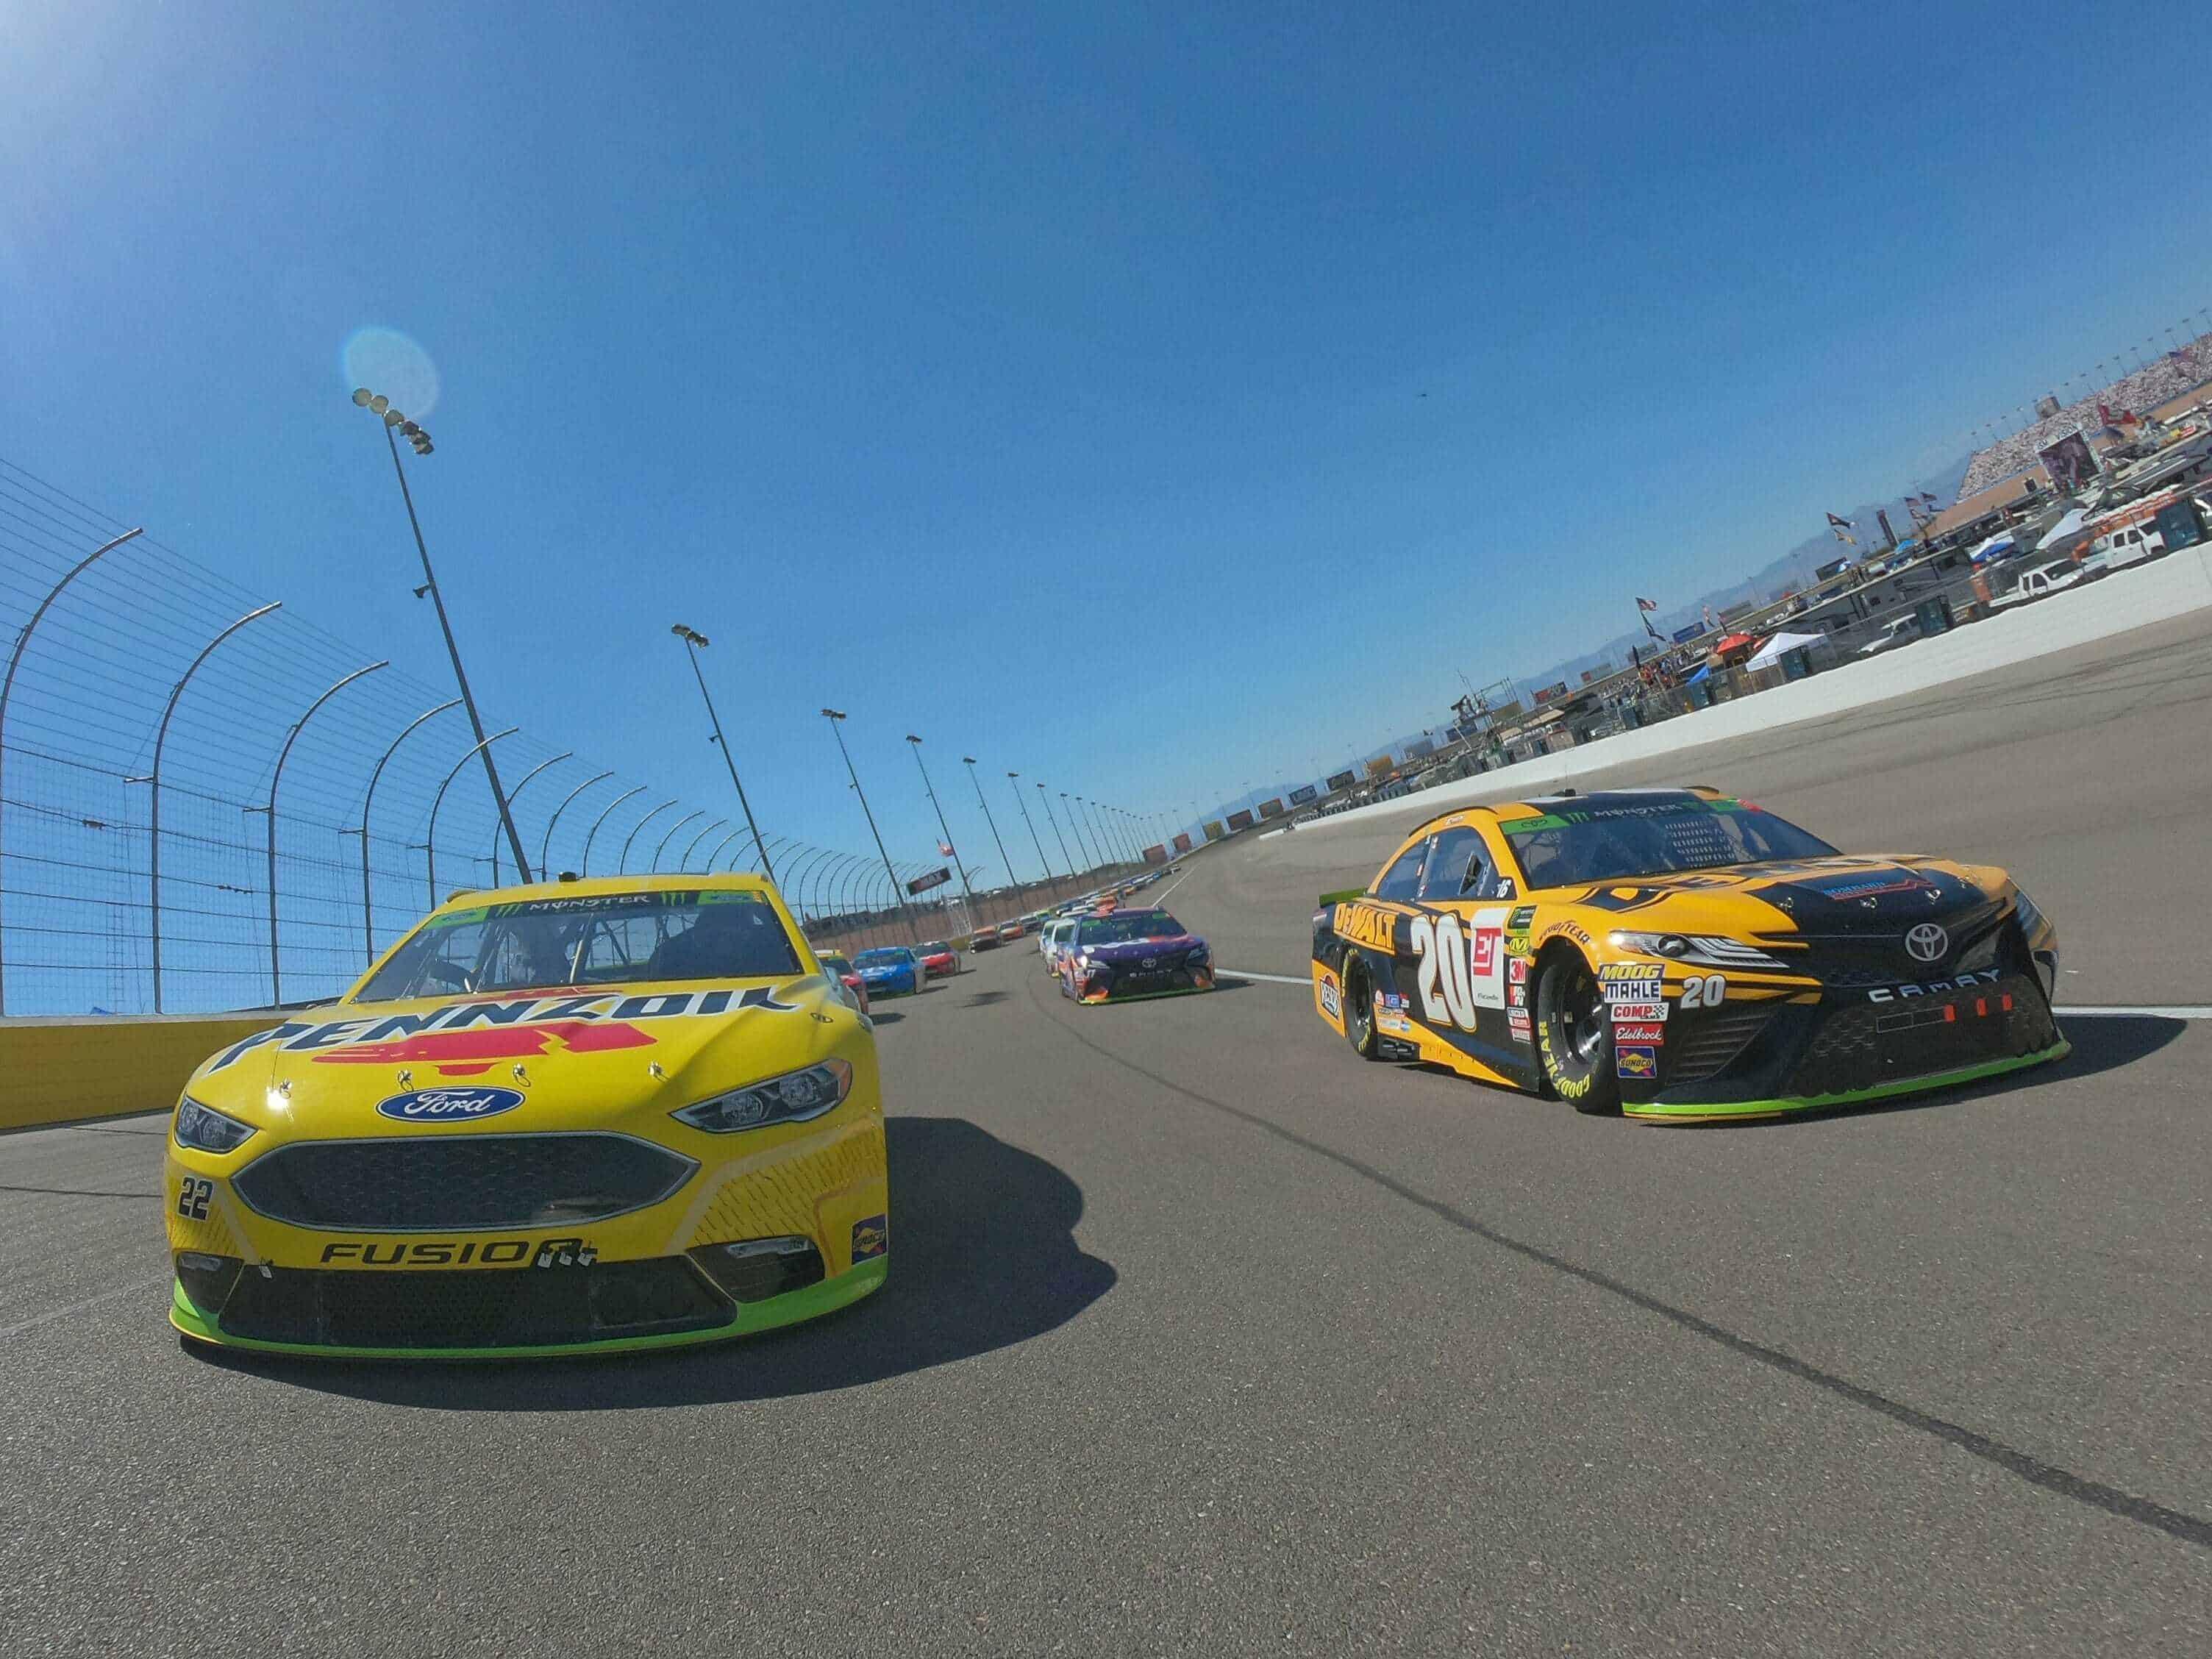 Joey Logano and Erik Jones at Las Vegas Motor Speedway - MENCS